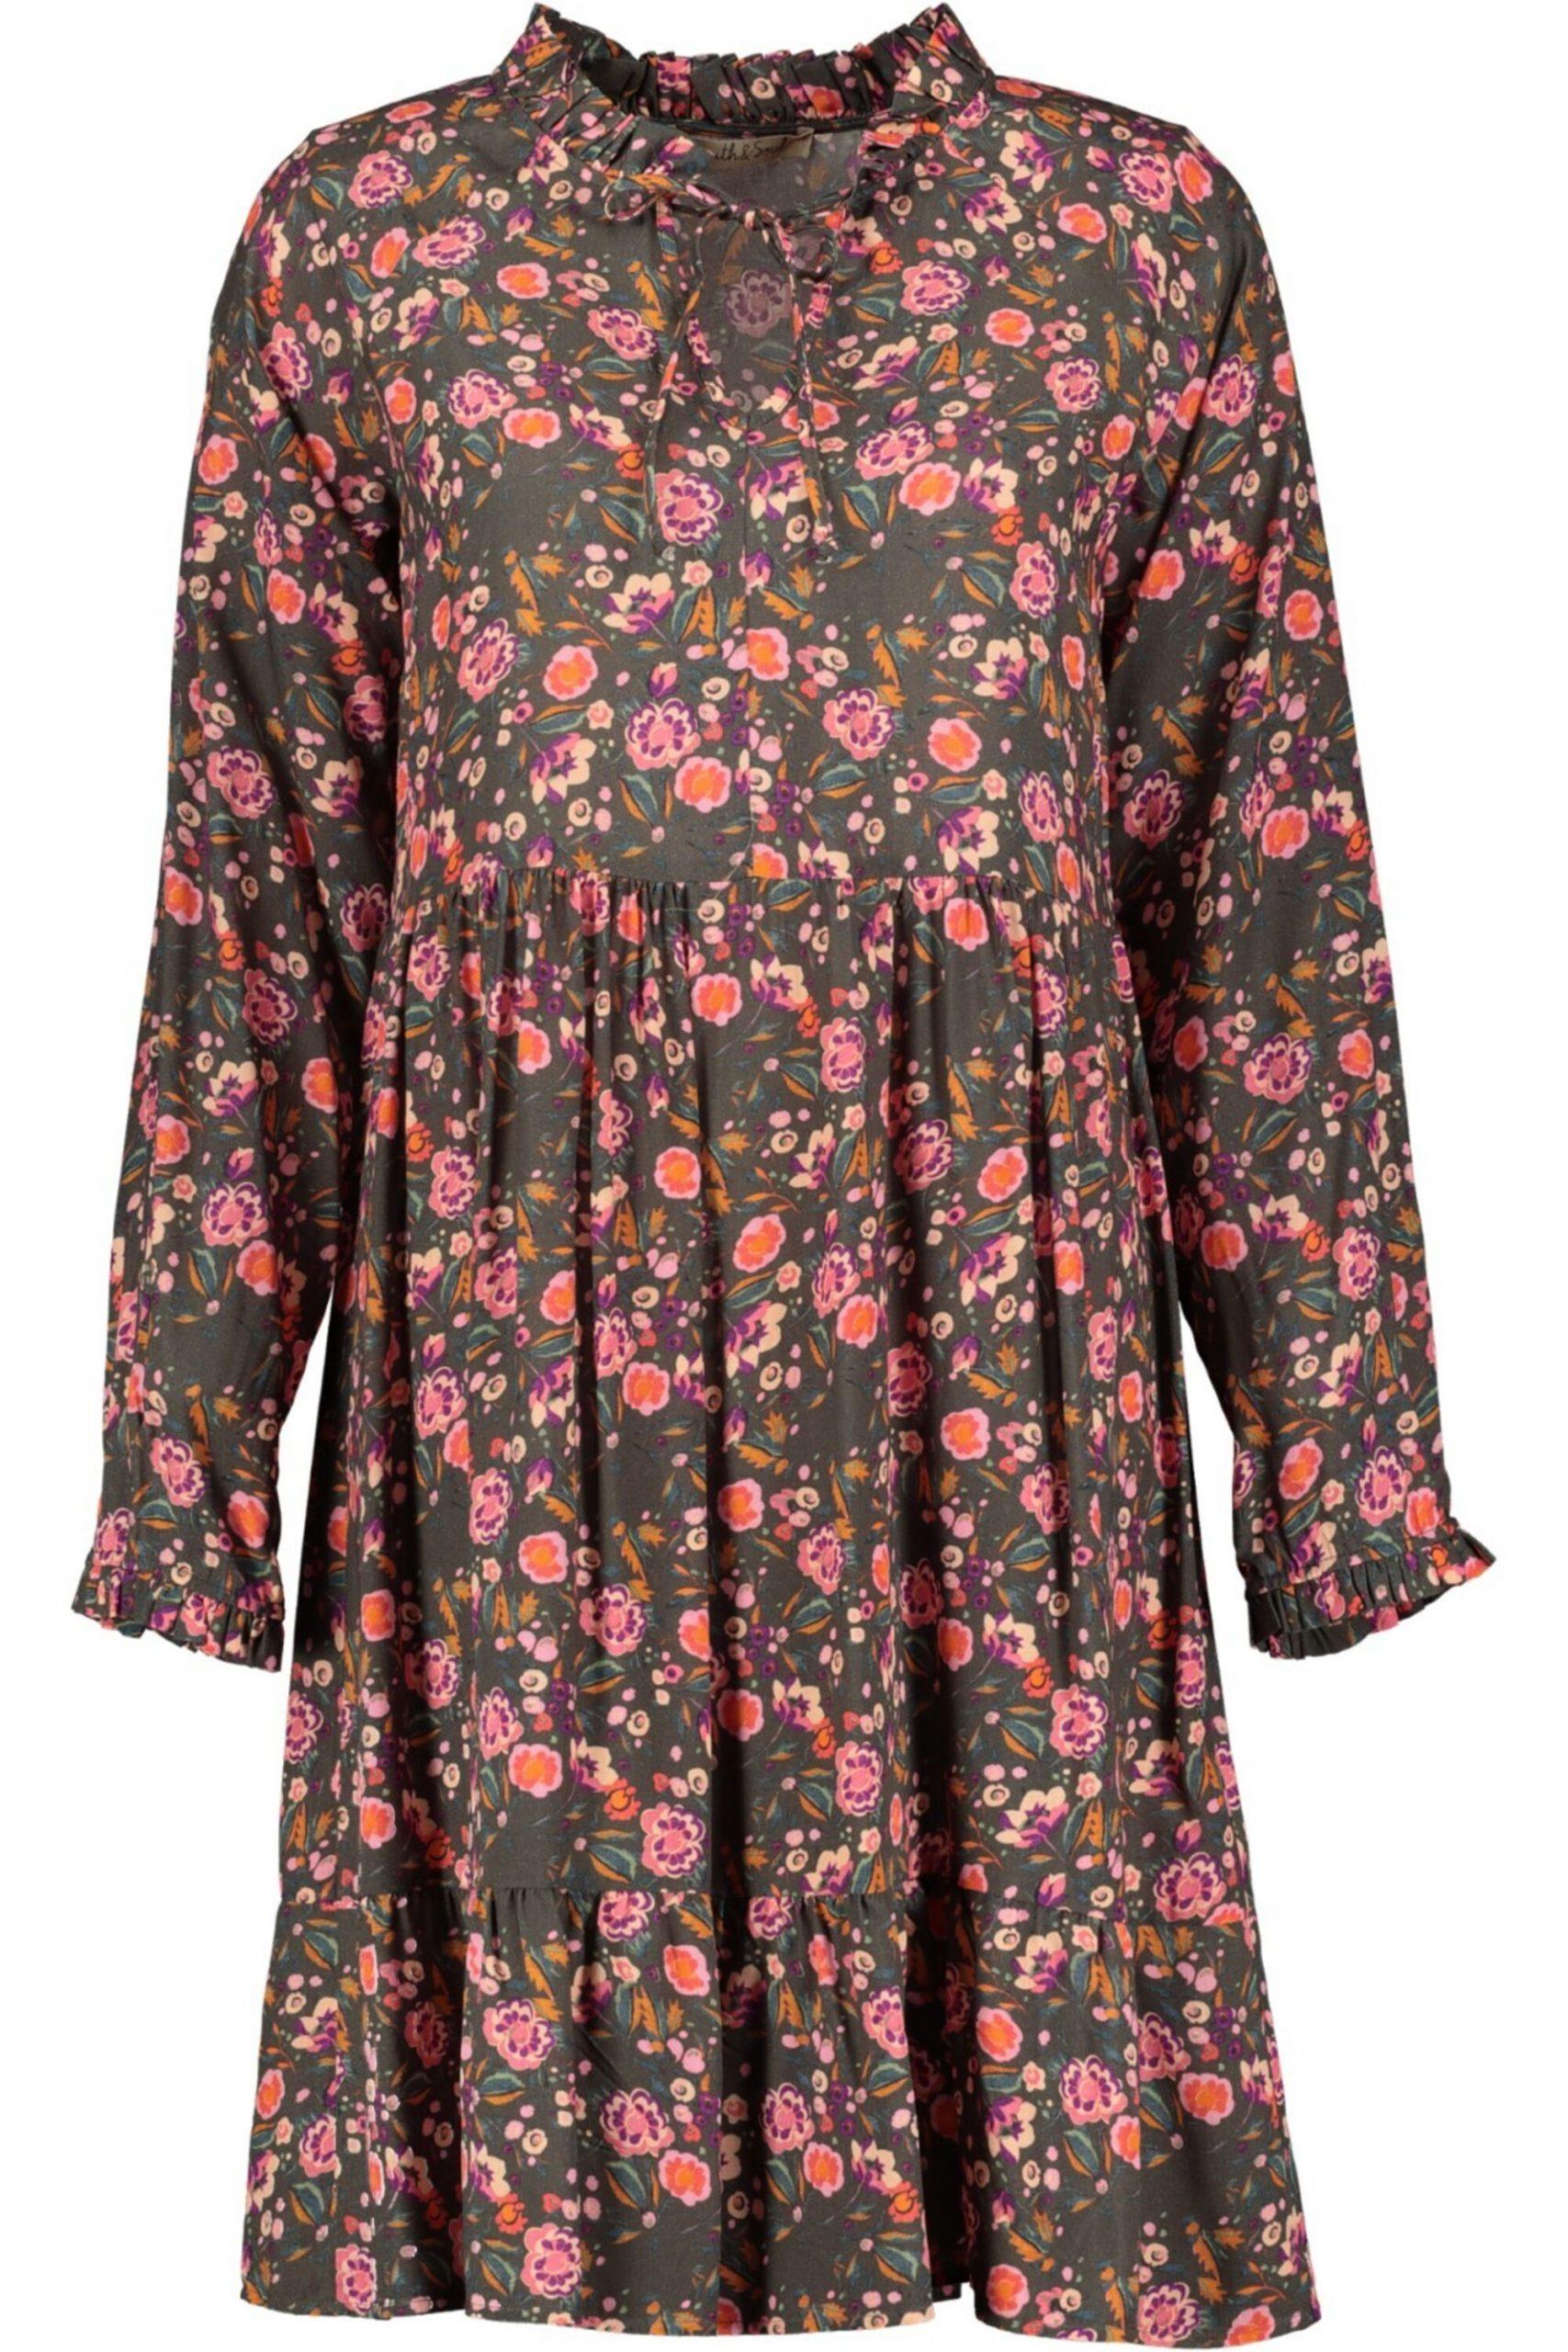 Kleid Mit Print  Smith  Soul Bei Mode Löning